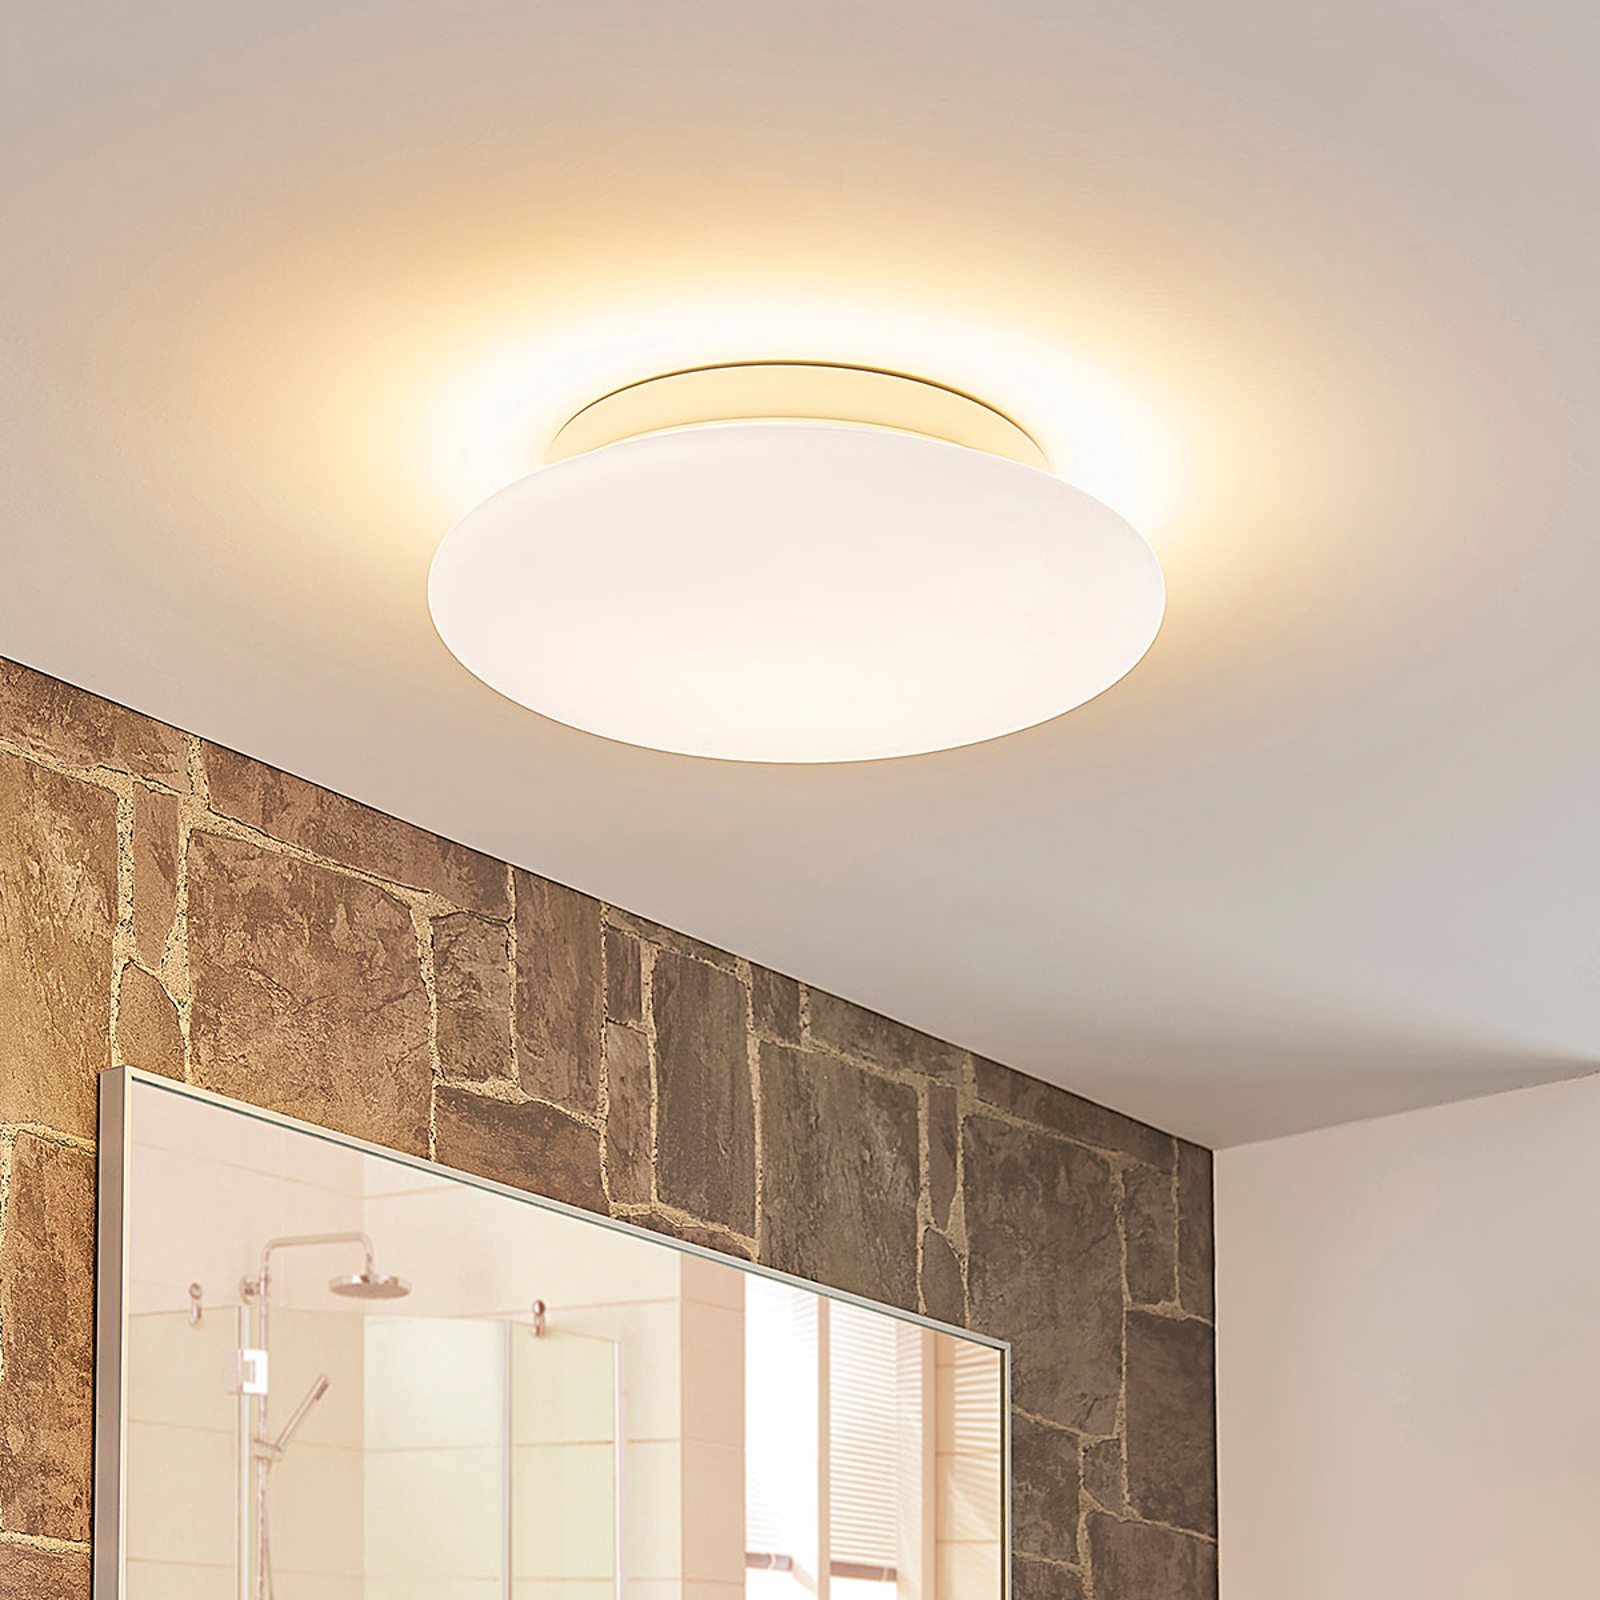 Rund LED-taklampa Tolan i glas, IP44, dimbar